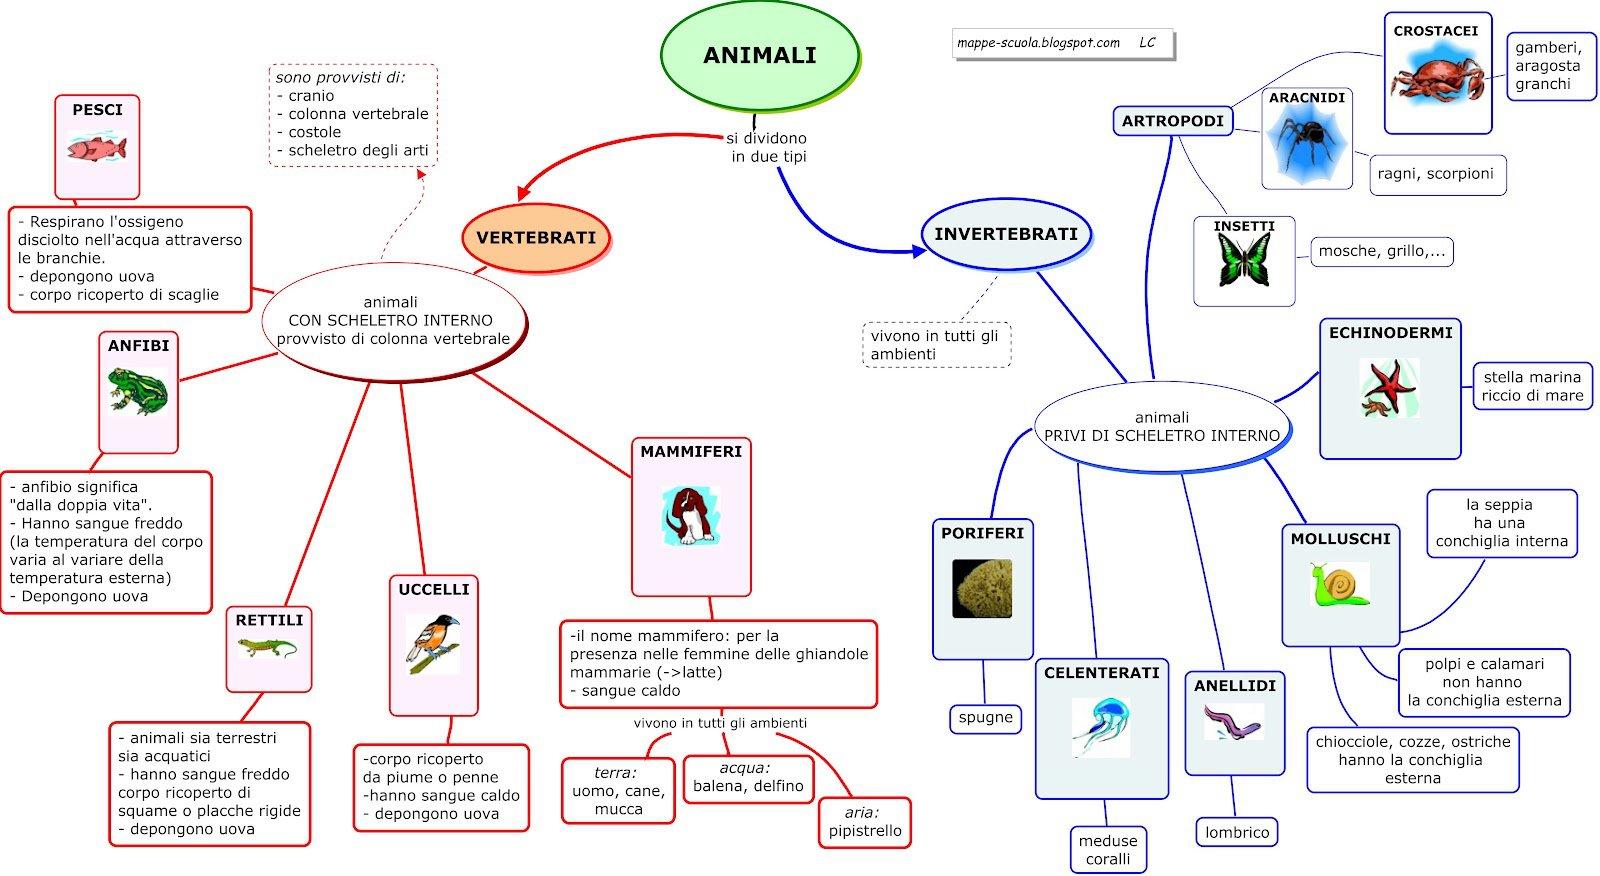 Très Siti alternativi per cercare Mappe di Scienze-Biologia-Ecologia  VZ51